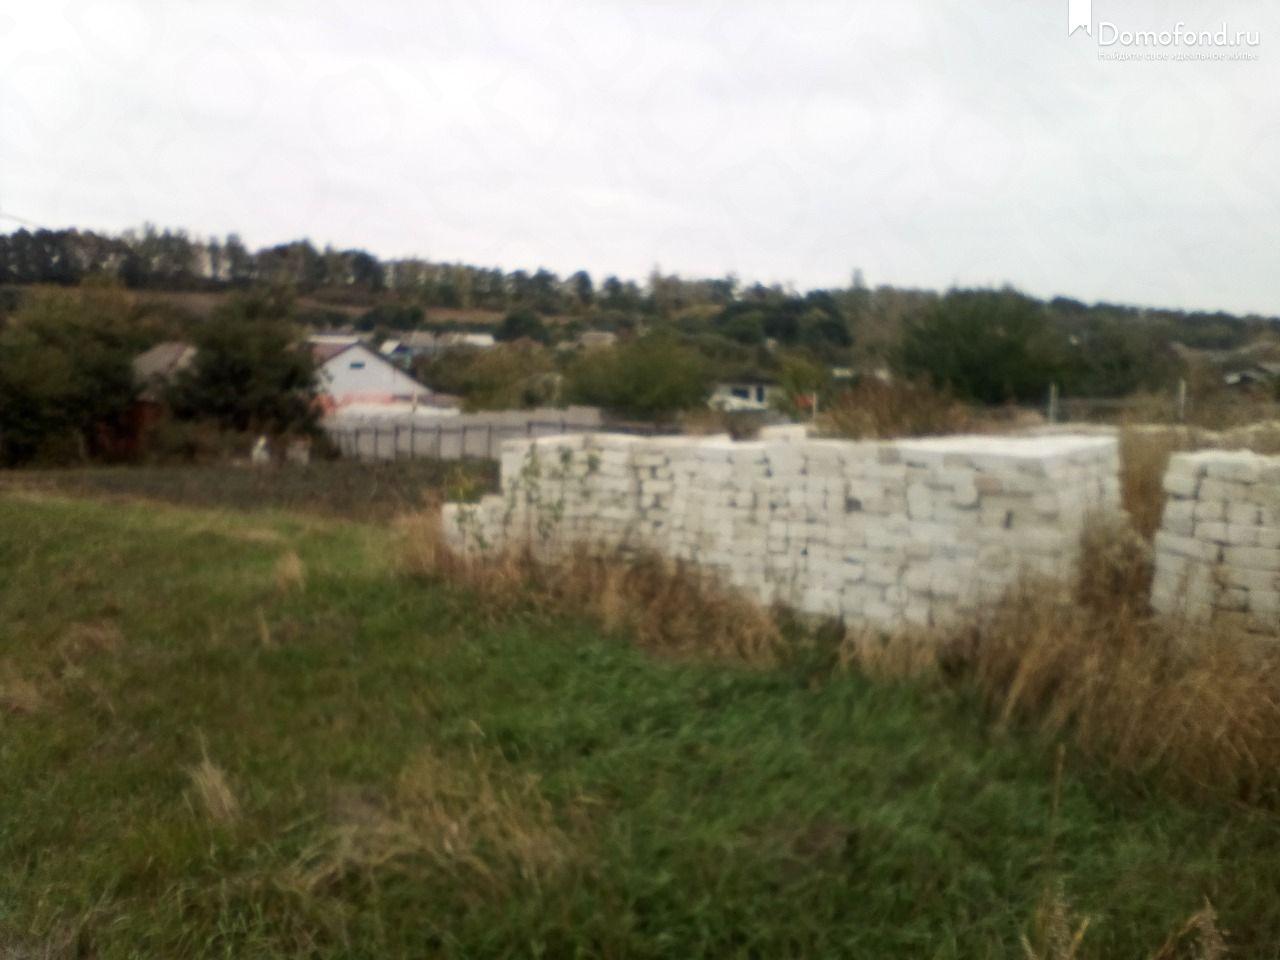 6abf29ac1bba2 Купить земельный участок в городе Белгород, продажа земельных участков :  Domofond.ru